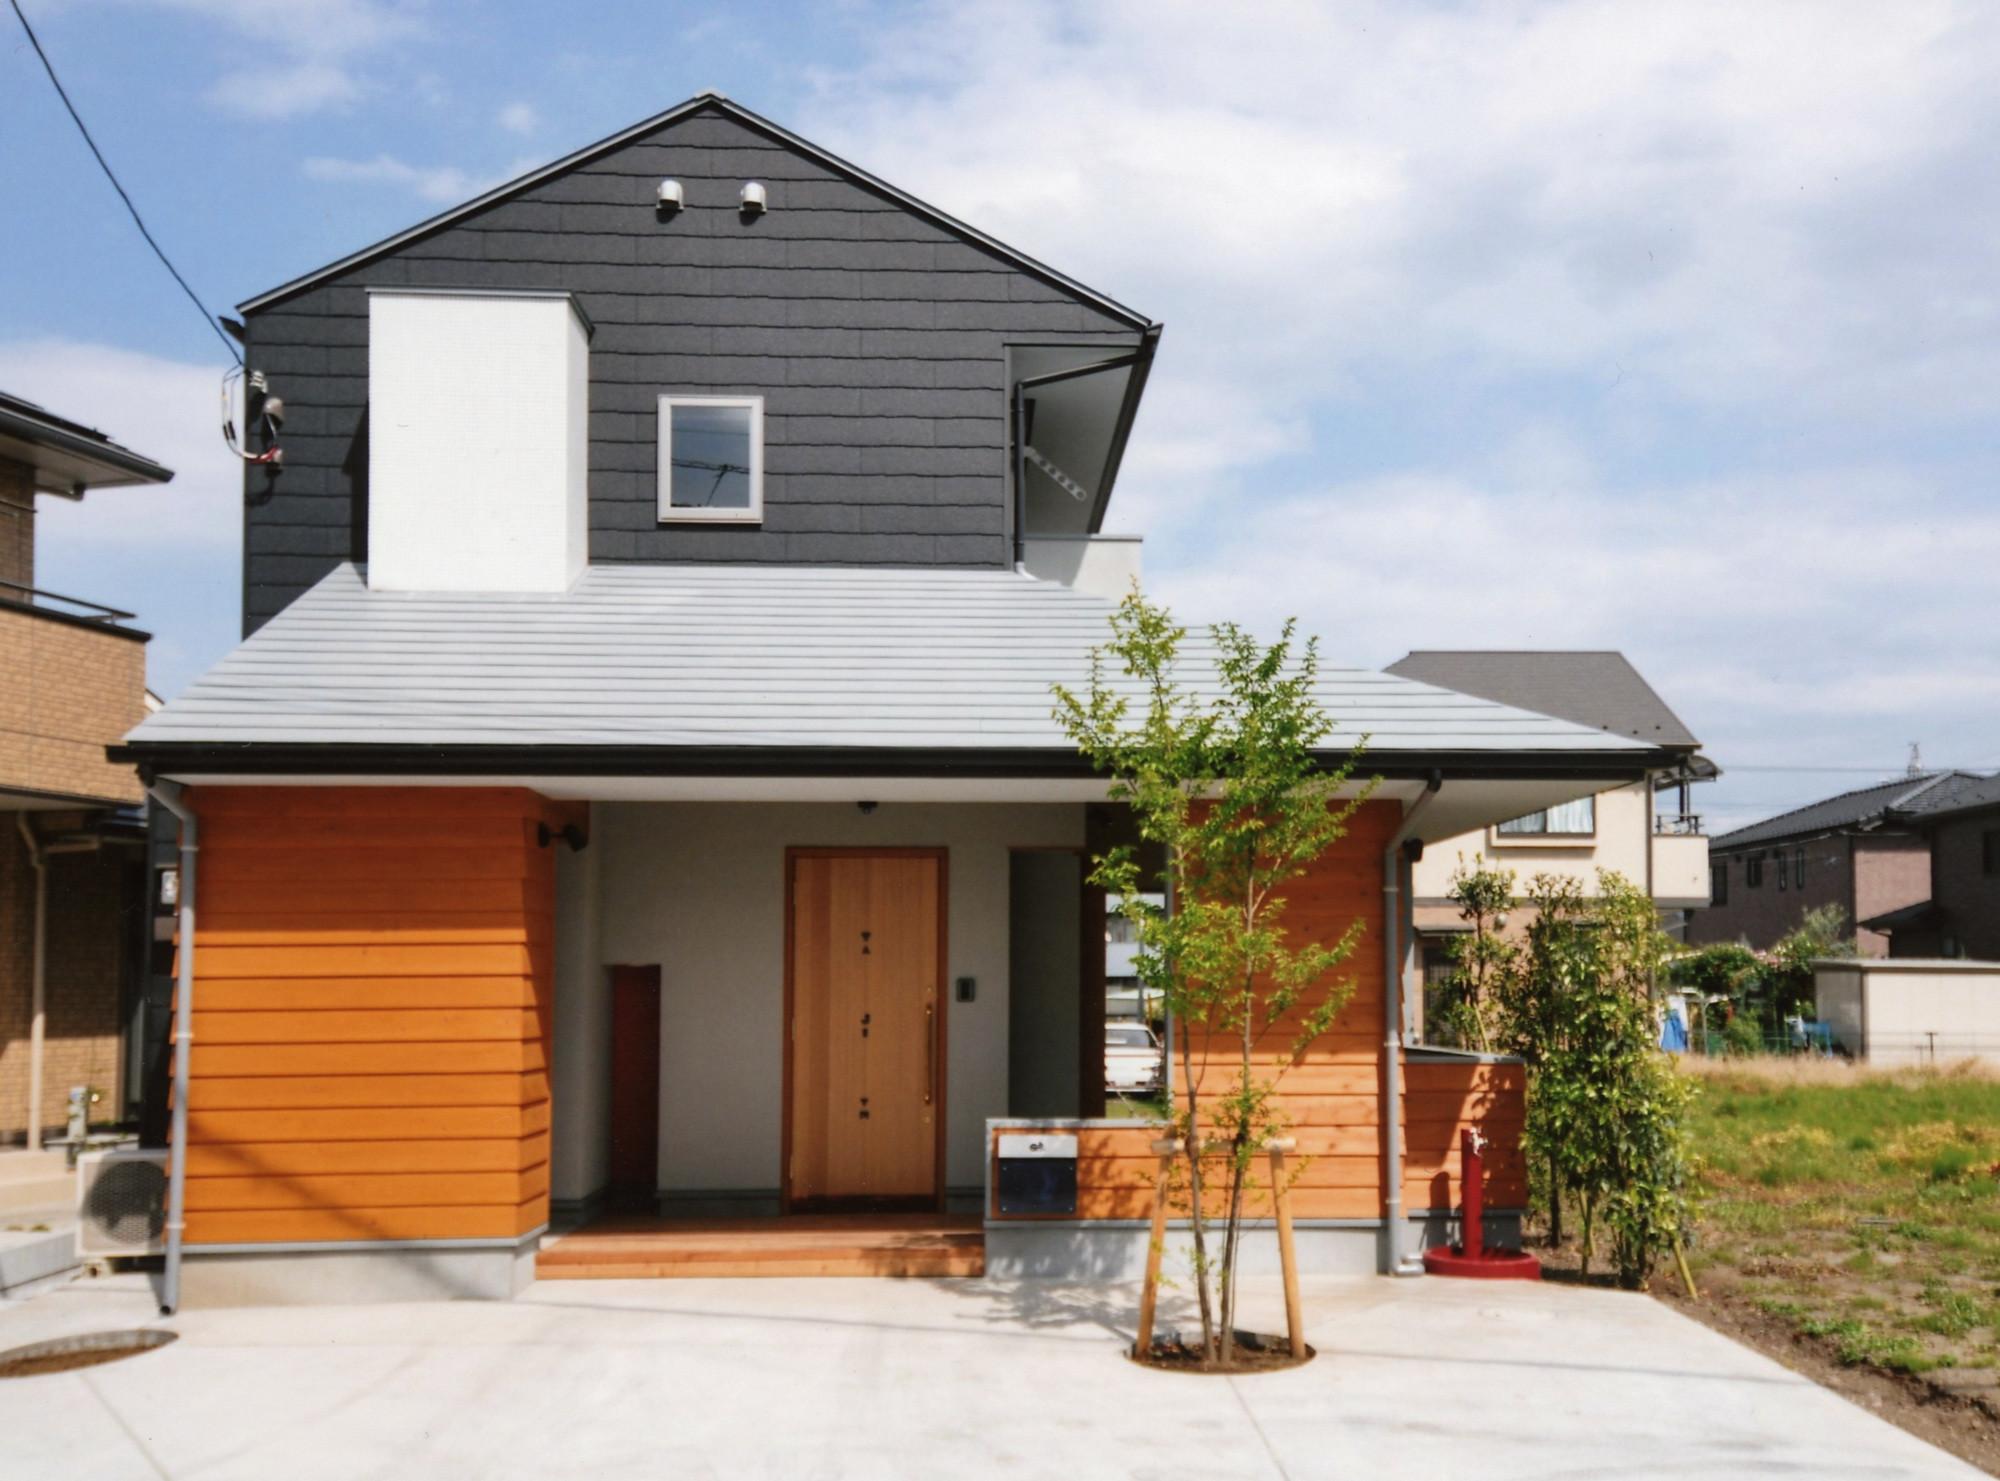 【耐久性・メンテナンスから発想する外壁仕上げ】下屋の軒下部分は、屋根が900mm張り出しているので、外壁も雨に濡れにくく、汚れや劣化が少ないので、杉板の南京下見張り。この部分は、普段一番触れたり、間近に見る部分なので、木材を使用して有機的に・・・。脚立に乗れば、手の届く範囲でもあるので、メンテナンスのために自分でペンキを塗ることも可能です。2階の軒がない部分の外壁は、耐久性に優れるカラーベスト(屋根材)を使用。基本的にメンテナンスフリーでお金をあまりかけない仕上げに・・・。 | 外で音楽を聴いてもいいよね 屋根のあるアウトドアリビング